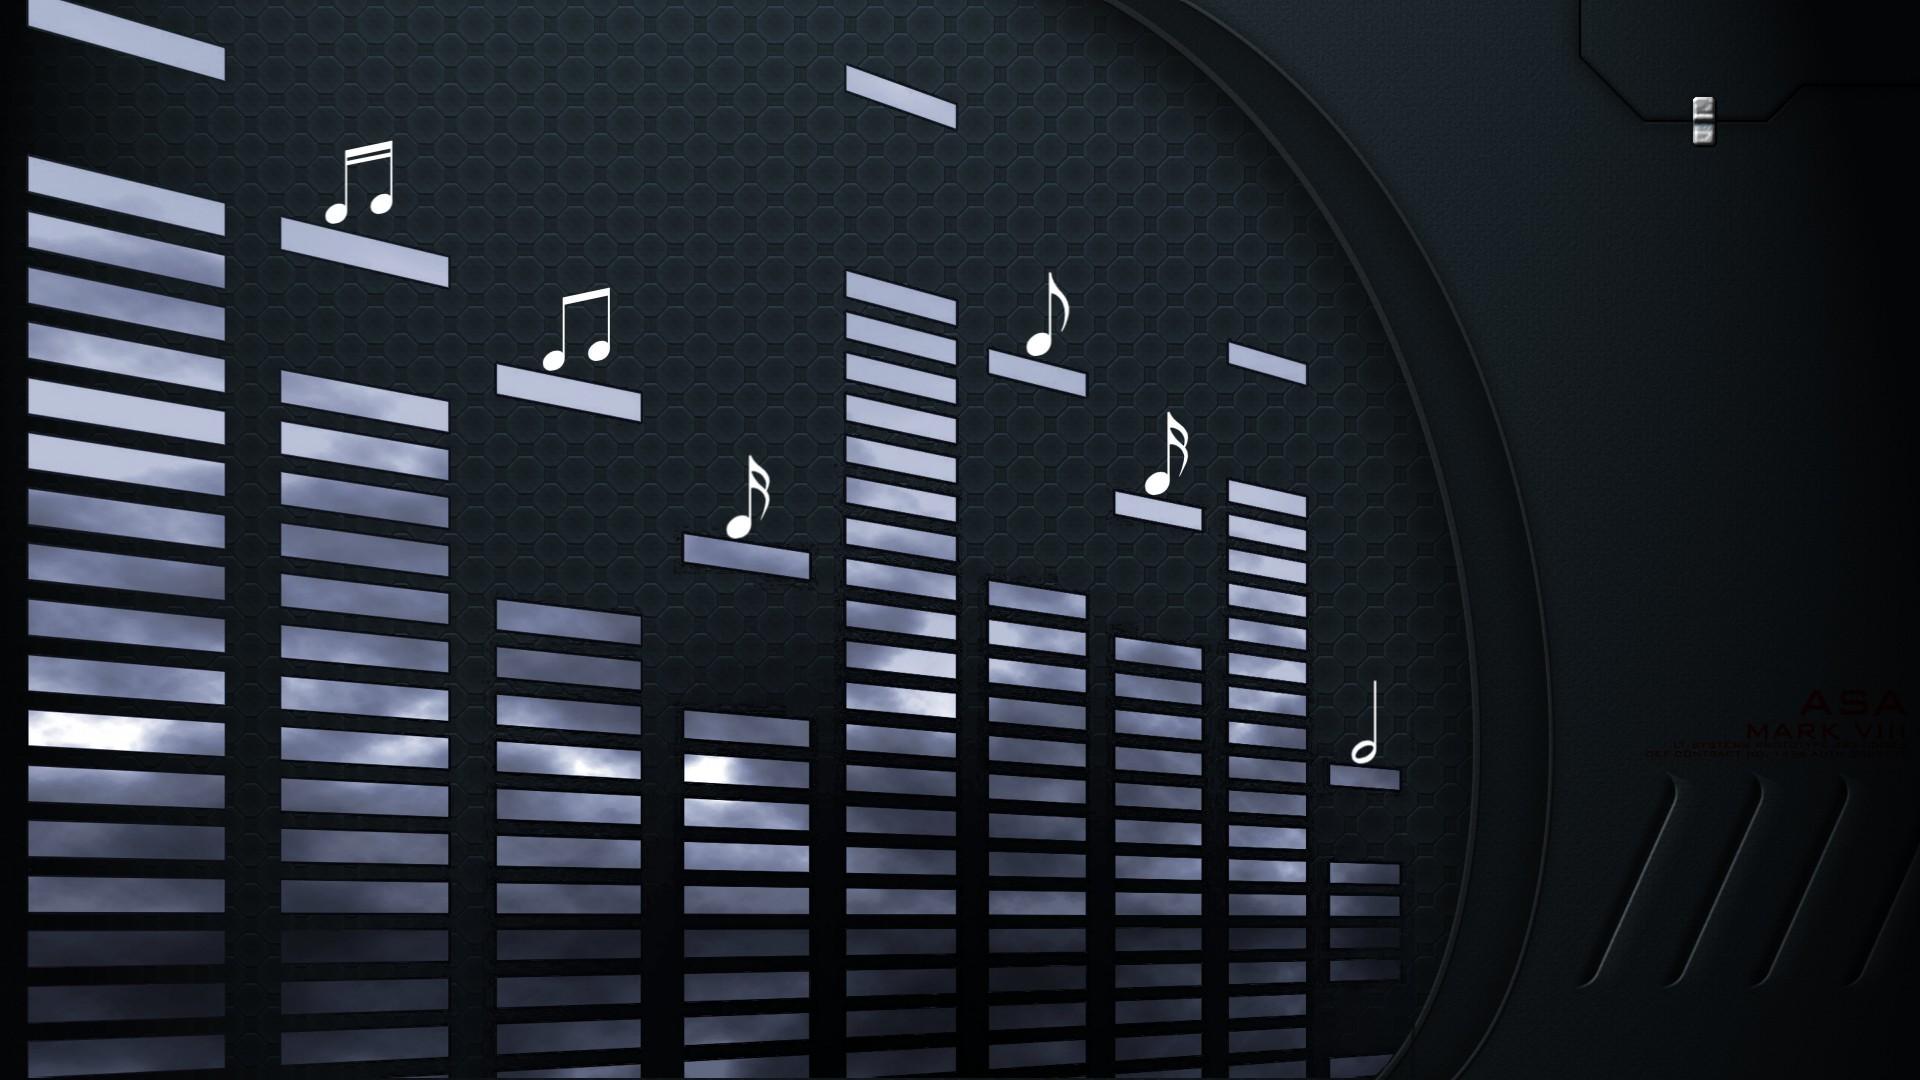 Res: 1920x1080, Music EQ 1080p by Seathrewhaze Music EQ 1080p by Seathrewhaze